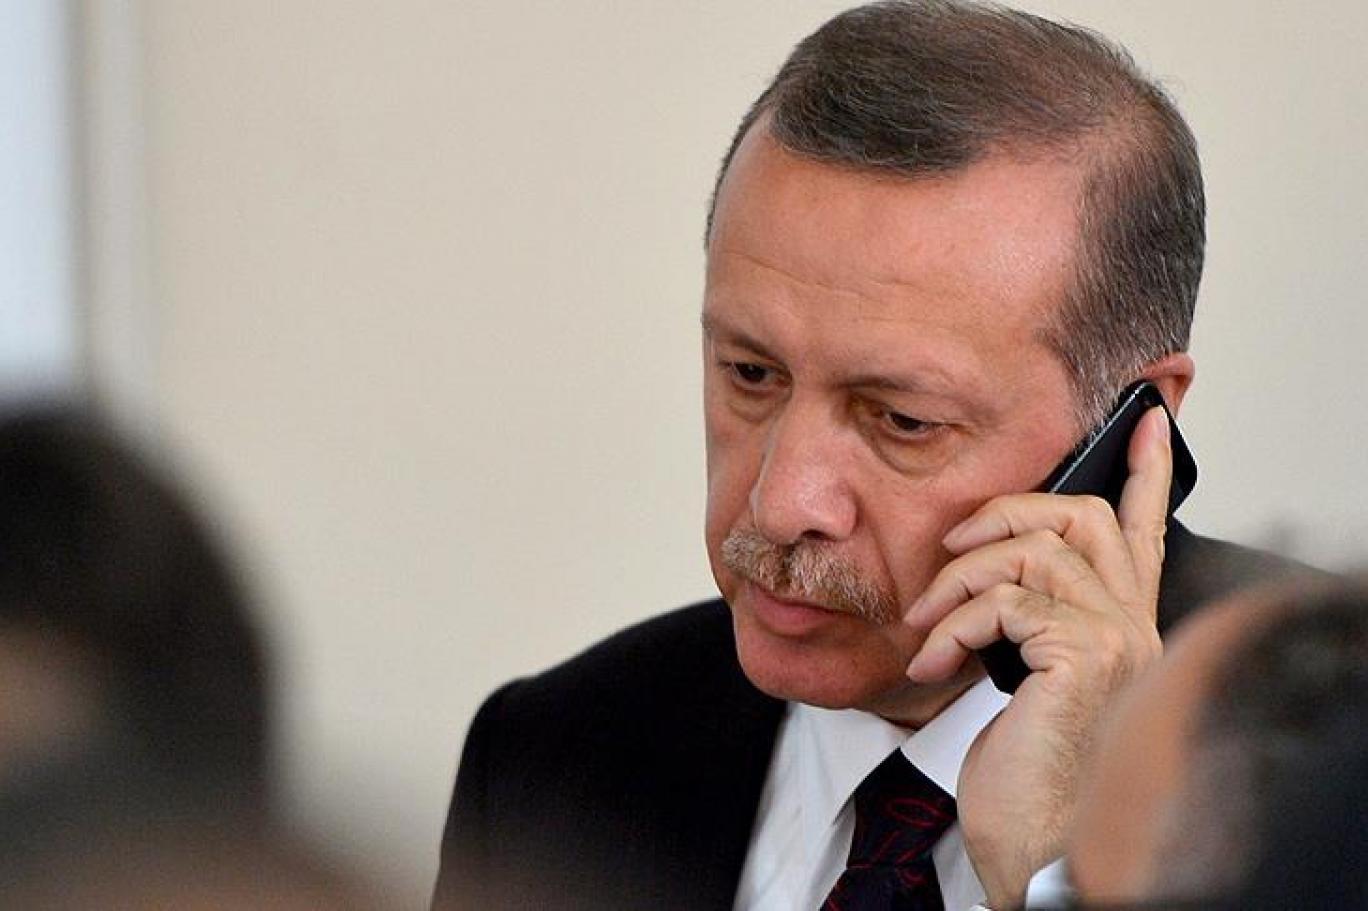 SON DAKİKA! Cumhurbaşkanı Erdoğan'dan kritik görüşme: Libya ile ilişkiler değerlendirildi